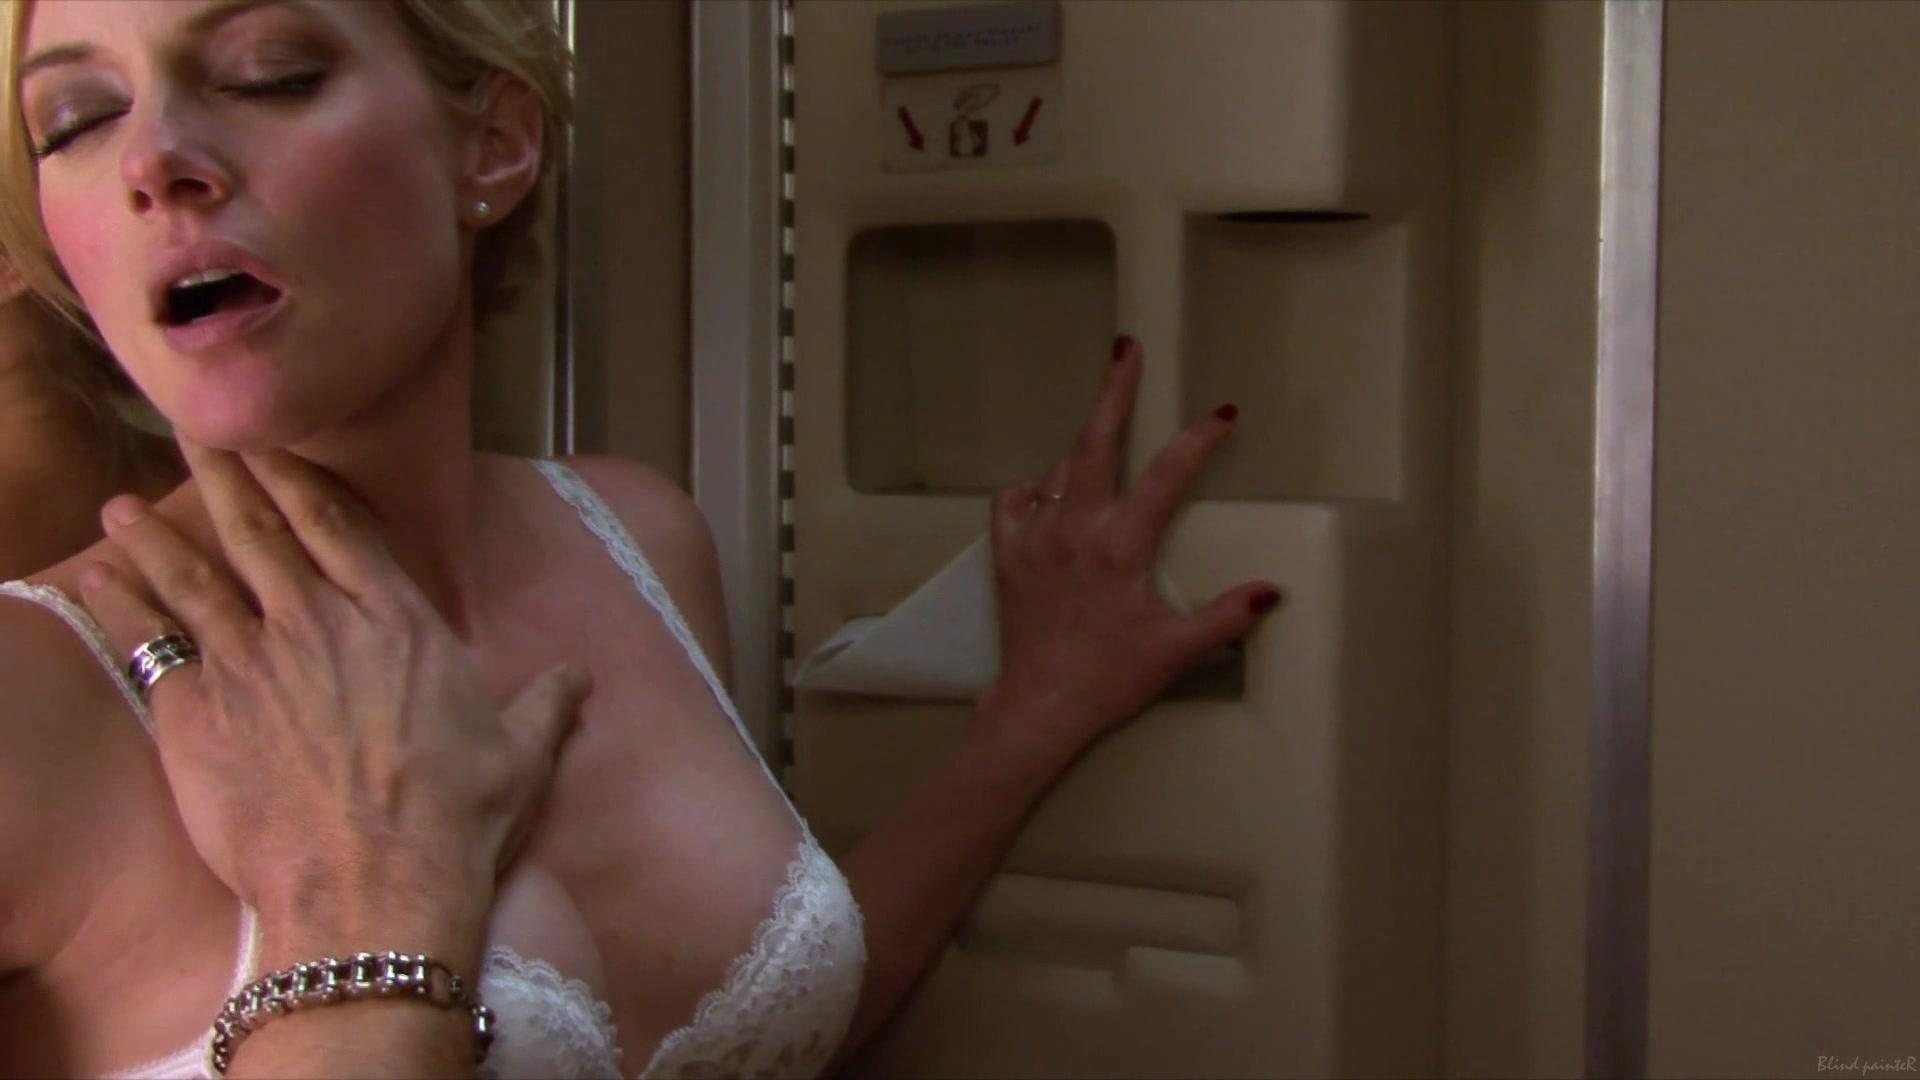 Angelique Pettyjohn Topless marley shelton nude - women in trouble (2009) video � best